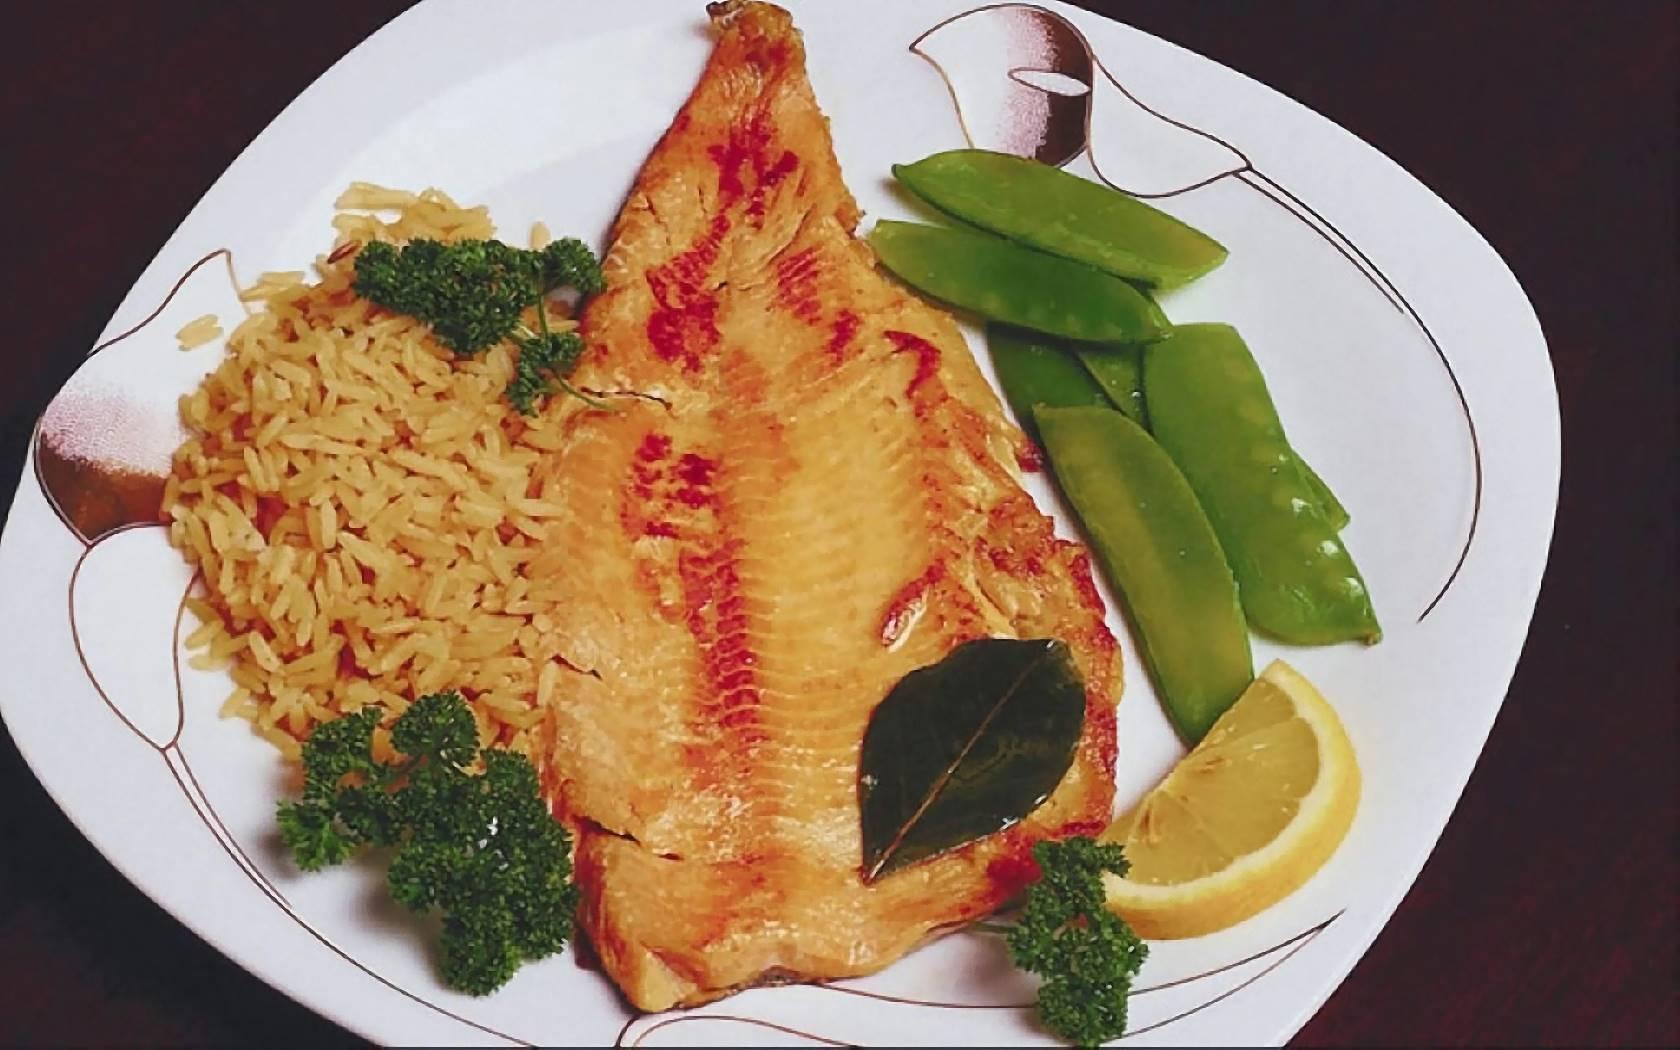 Bilder fisch for Fisch bilder